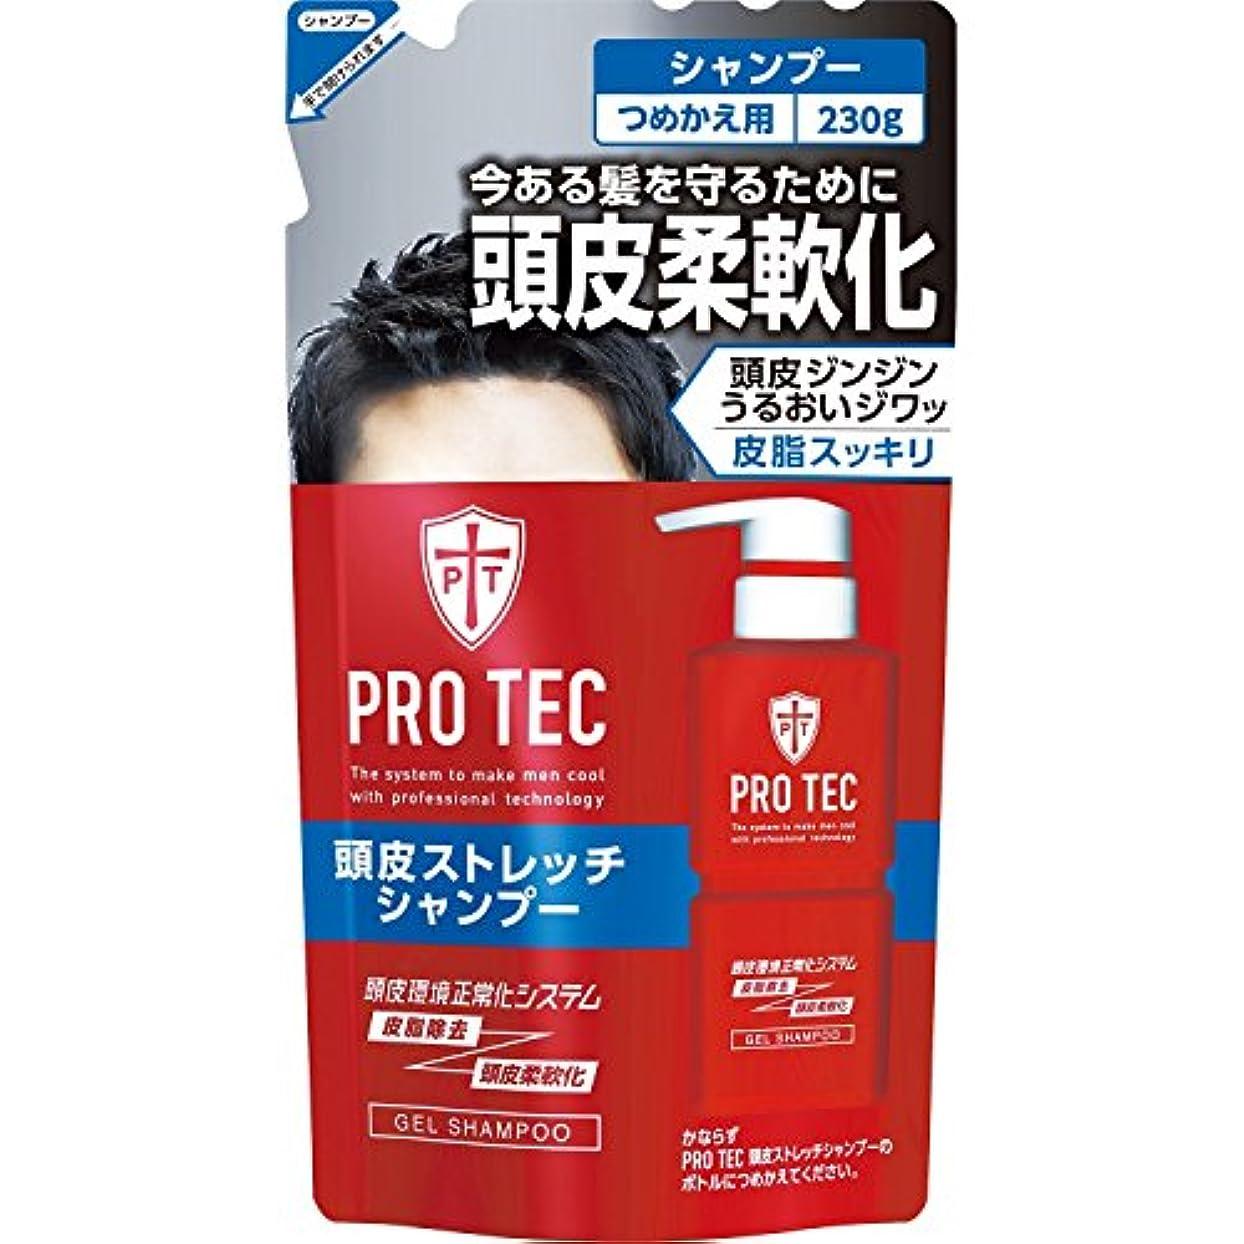 とてもマインドフルブレスPRO TEC(プロテク) 頭皮ストレッチ シャンプー 詰め替え 230g(医薬部外品)